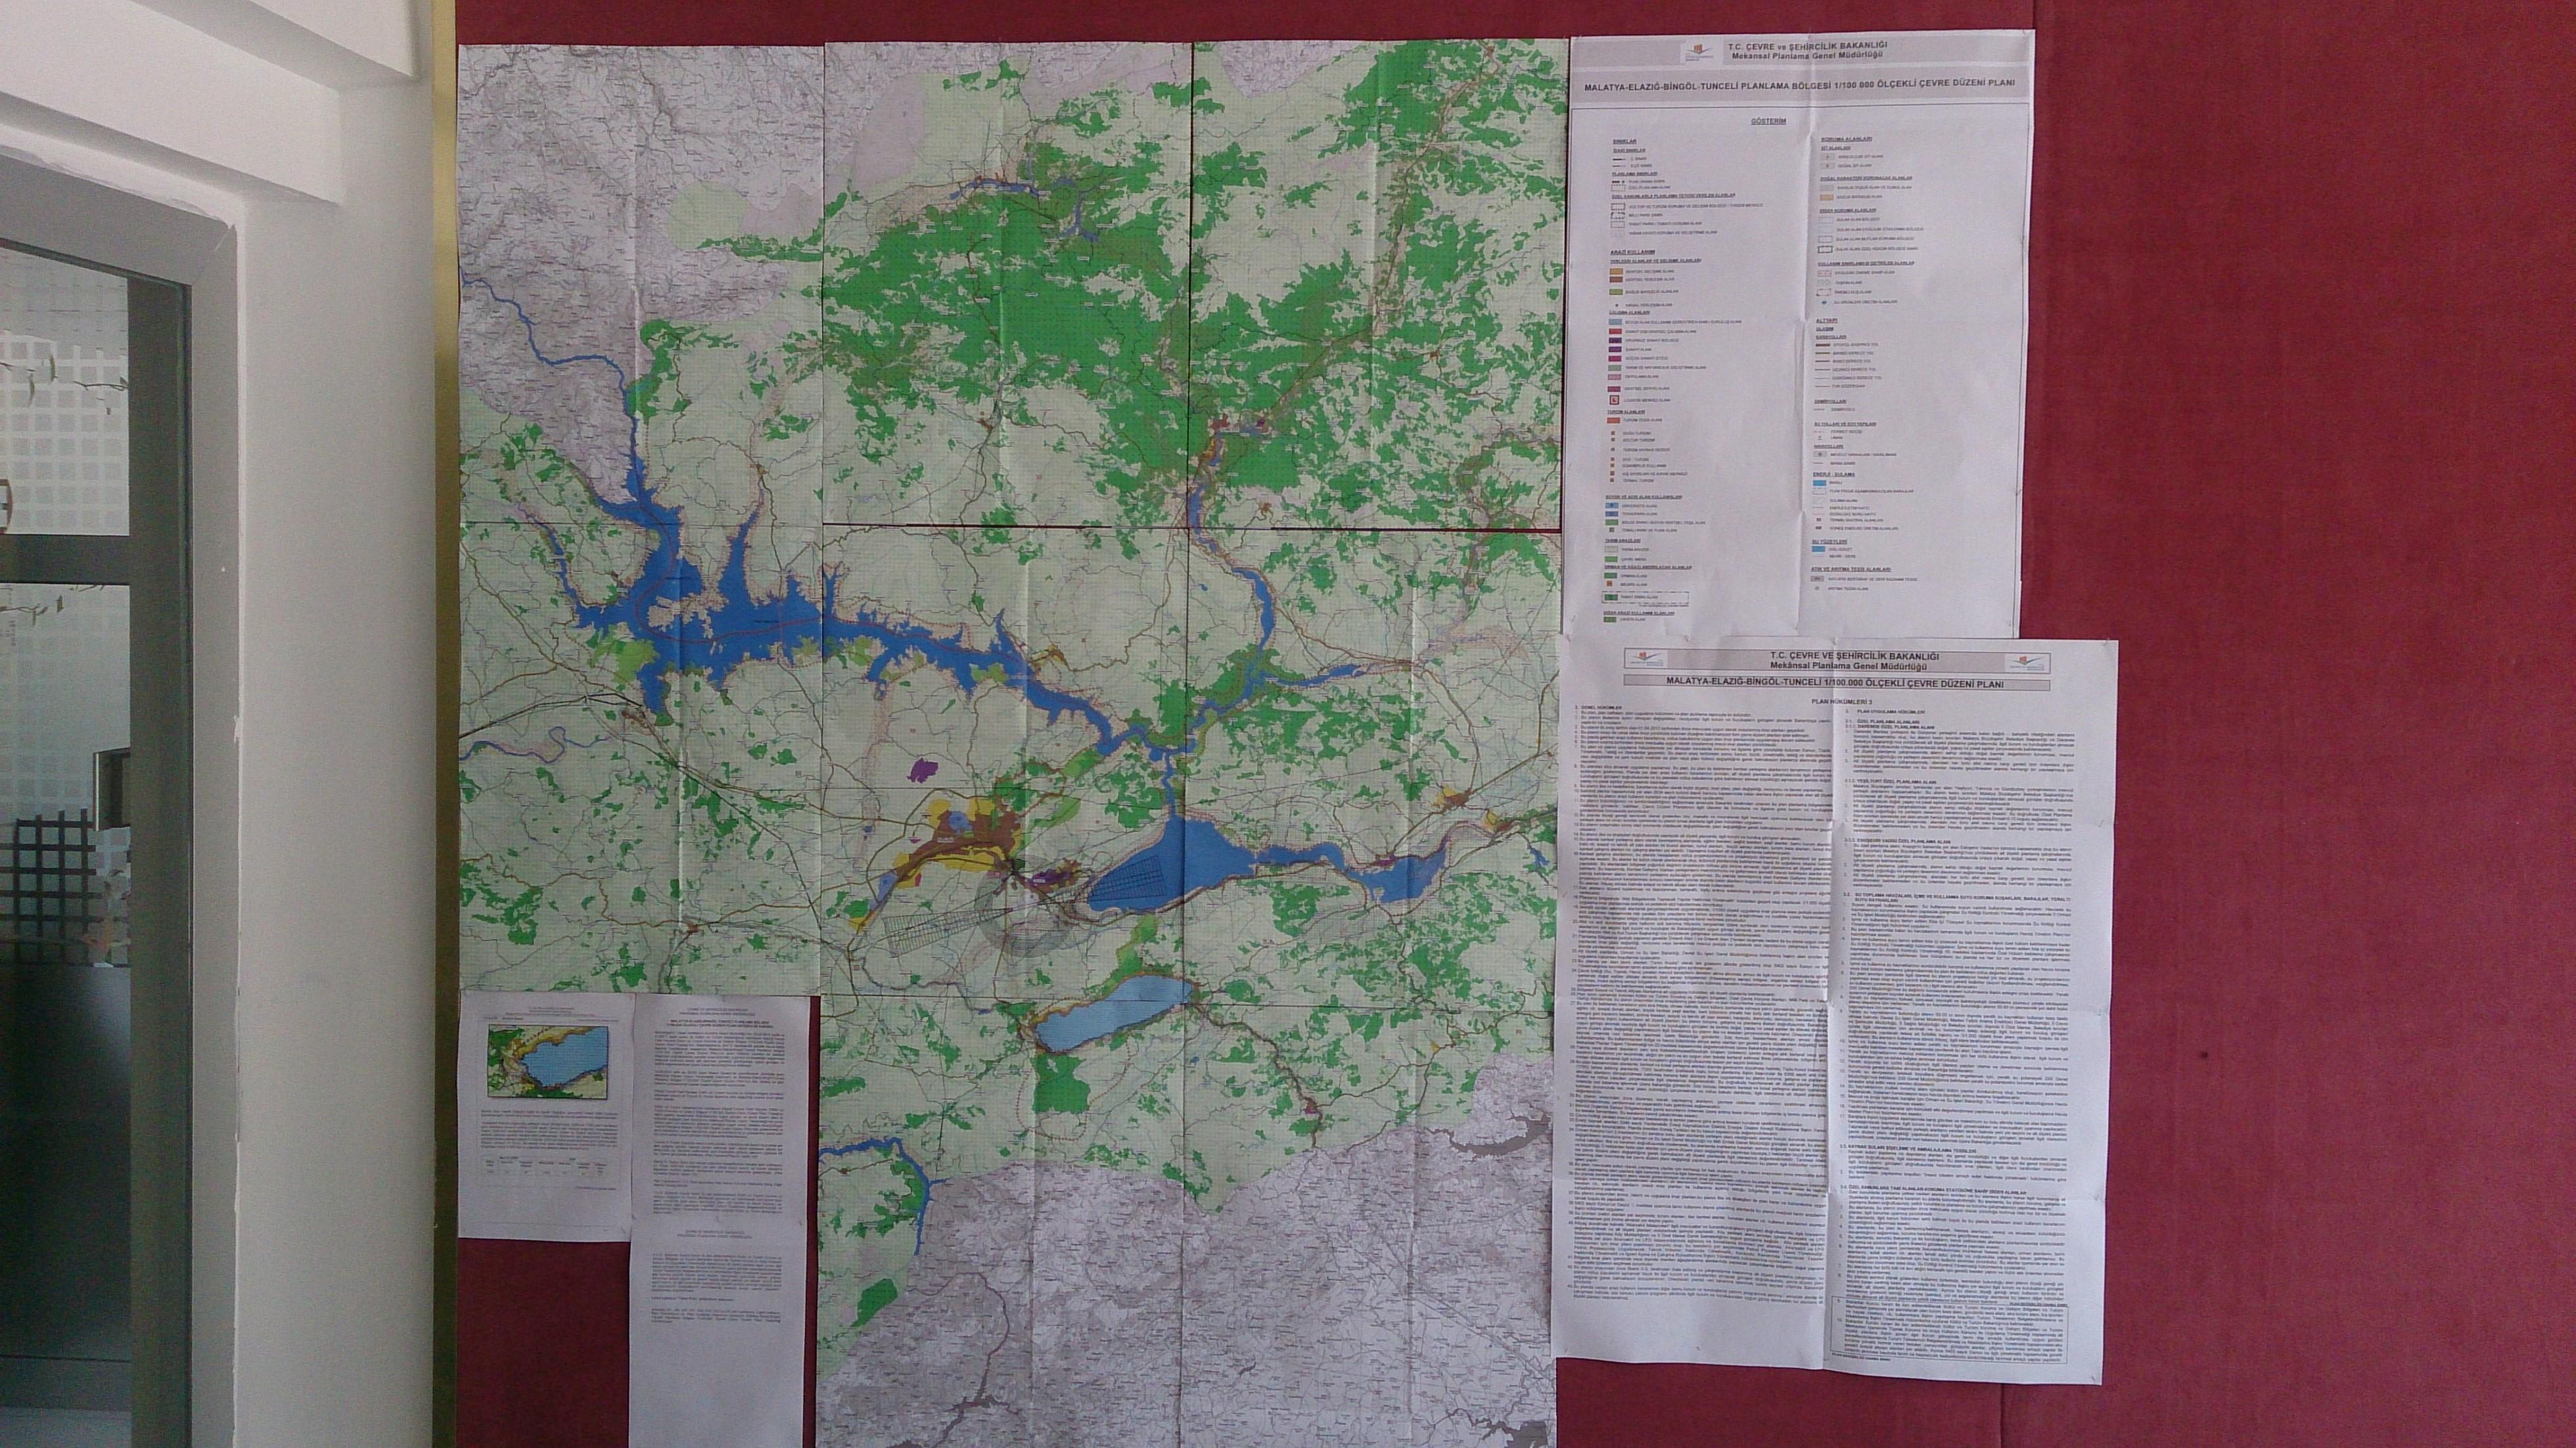 Malatya-Elazığ-Bingöl-Tunceli Planlama Bölgesi  1/100.000 Ölçekli Çevre Düzeni Planı Değişikliği